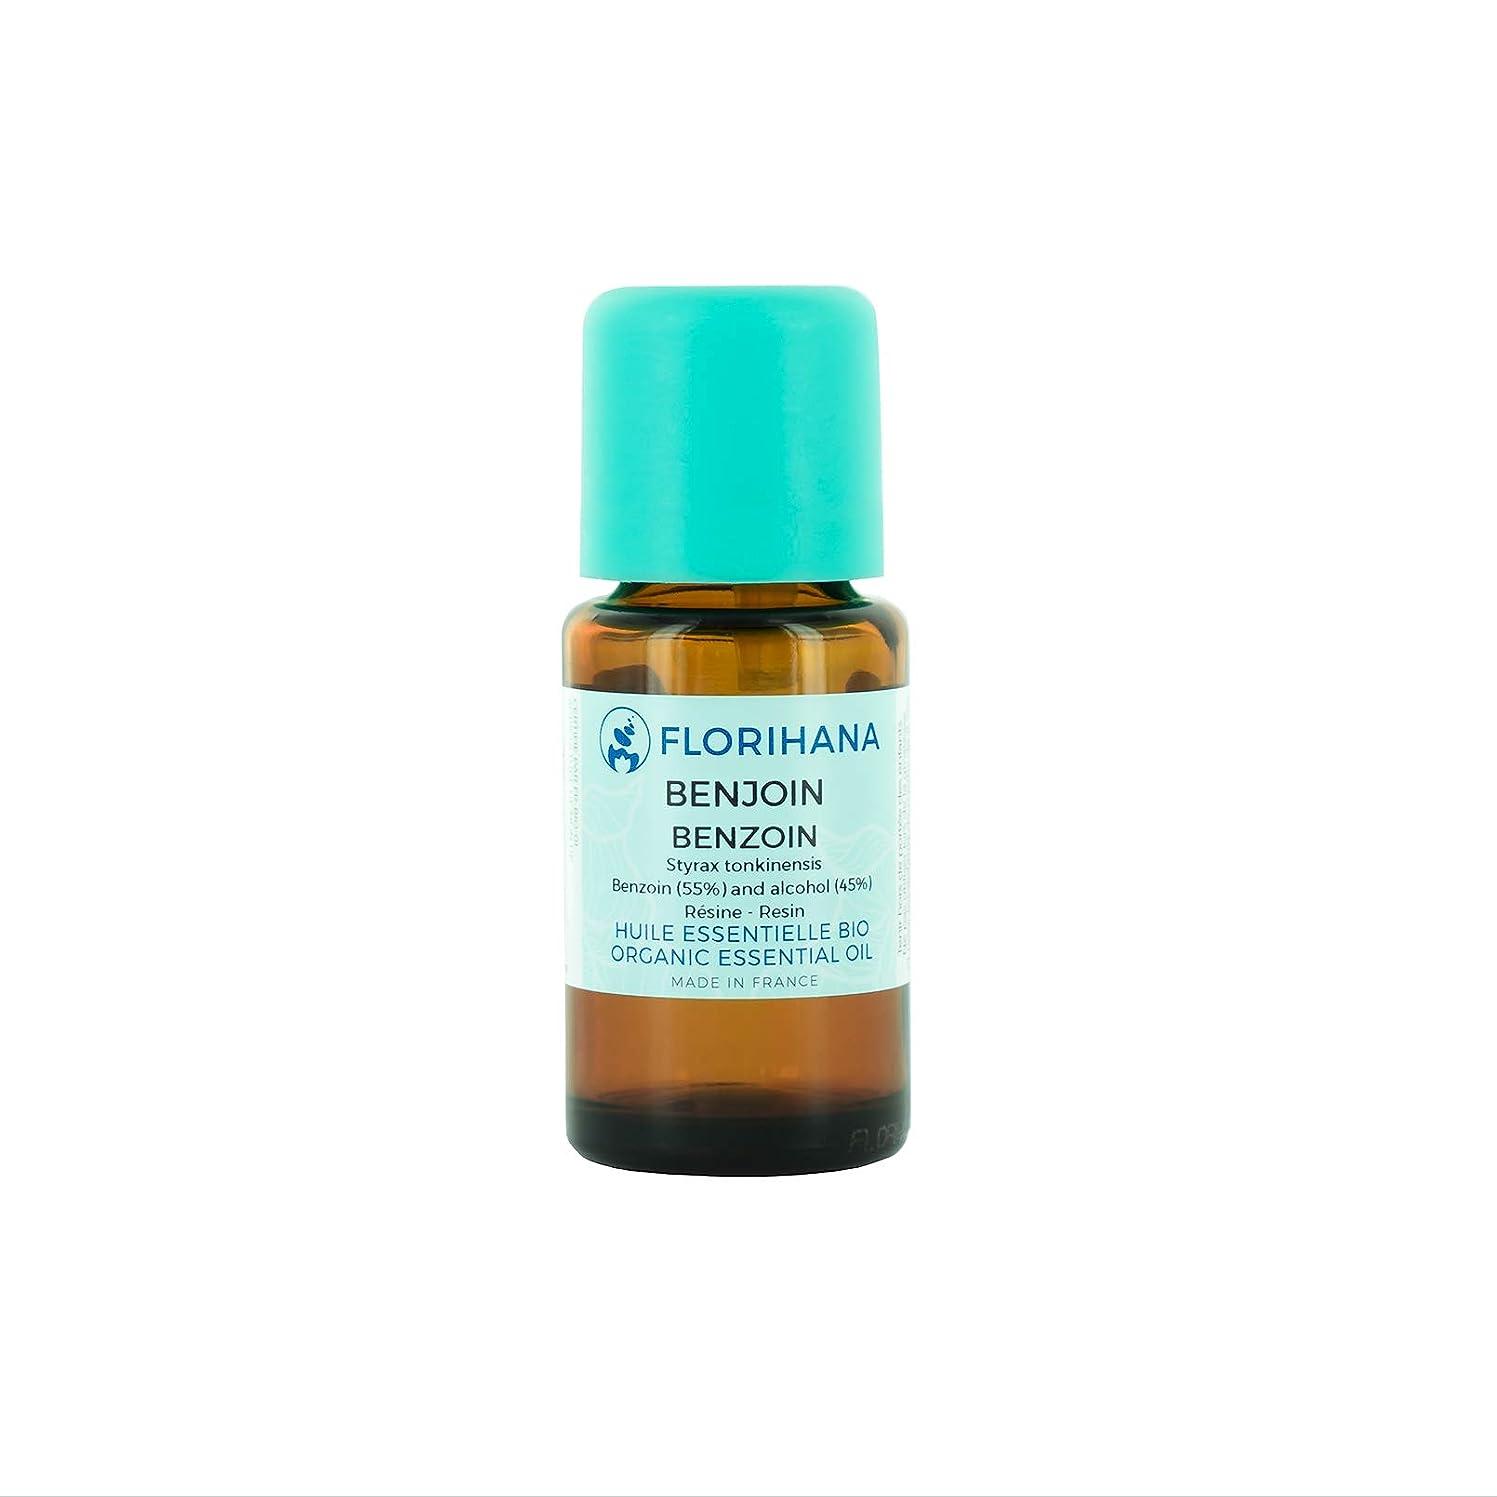 添付キャンベラ知覚するFlorihana オーガニックエッセンシャルオイル ベンゾイン 5g(5ml)